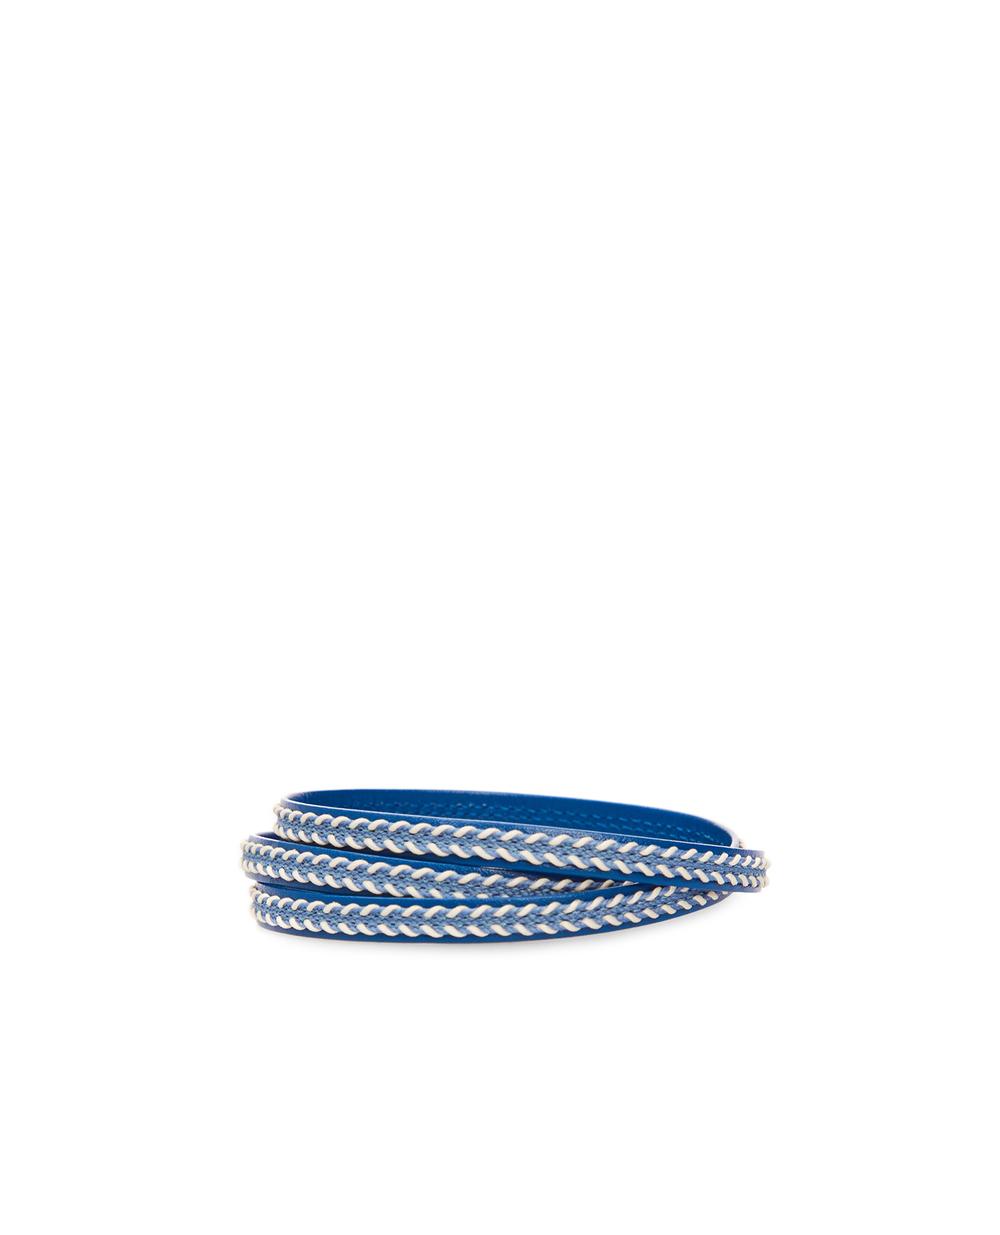 Кожаный браслет Dolce&Gabbana WBM5P5-W1111 — Kameron